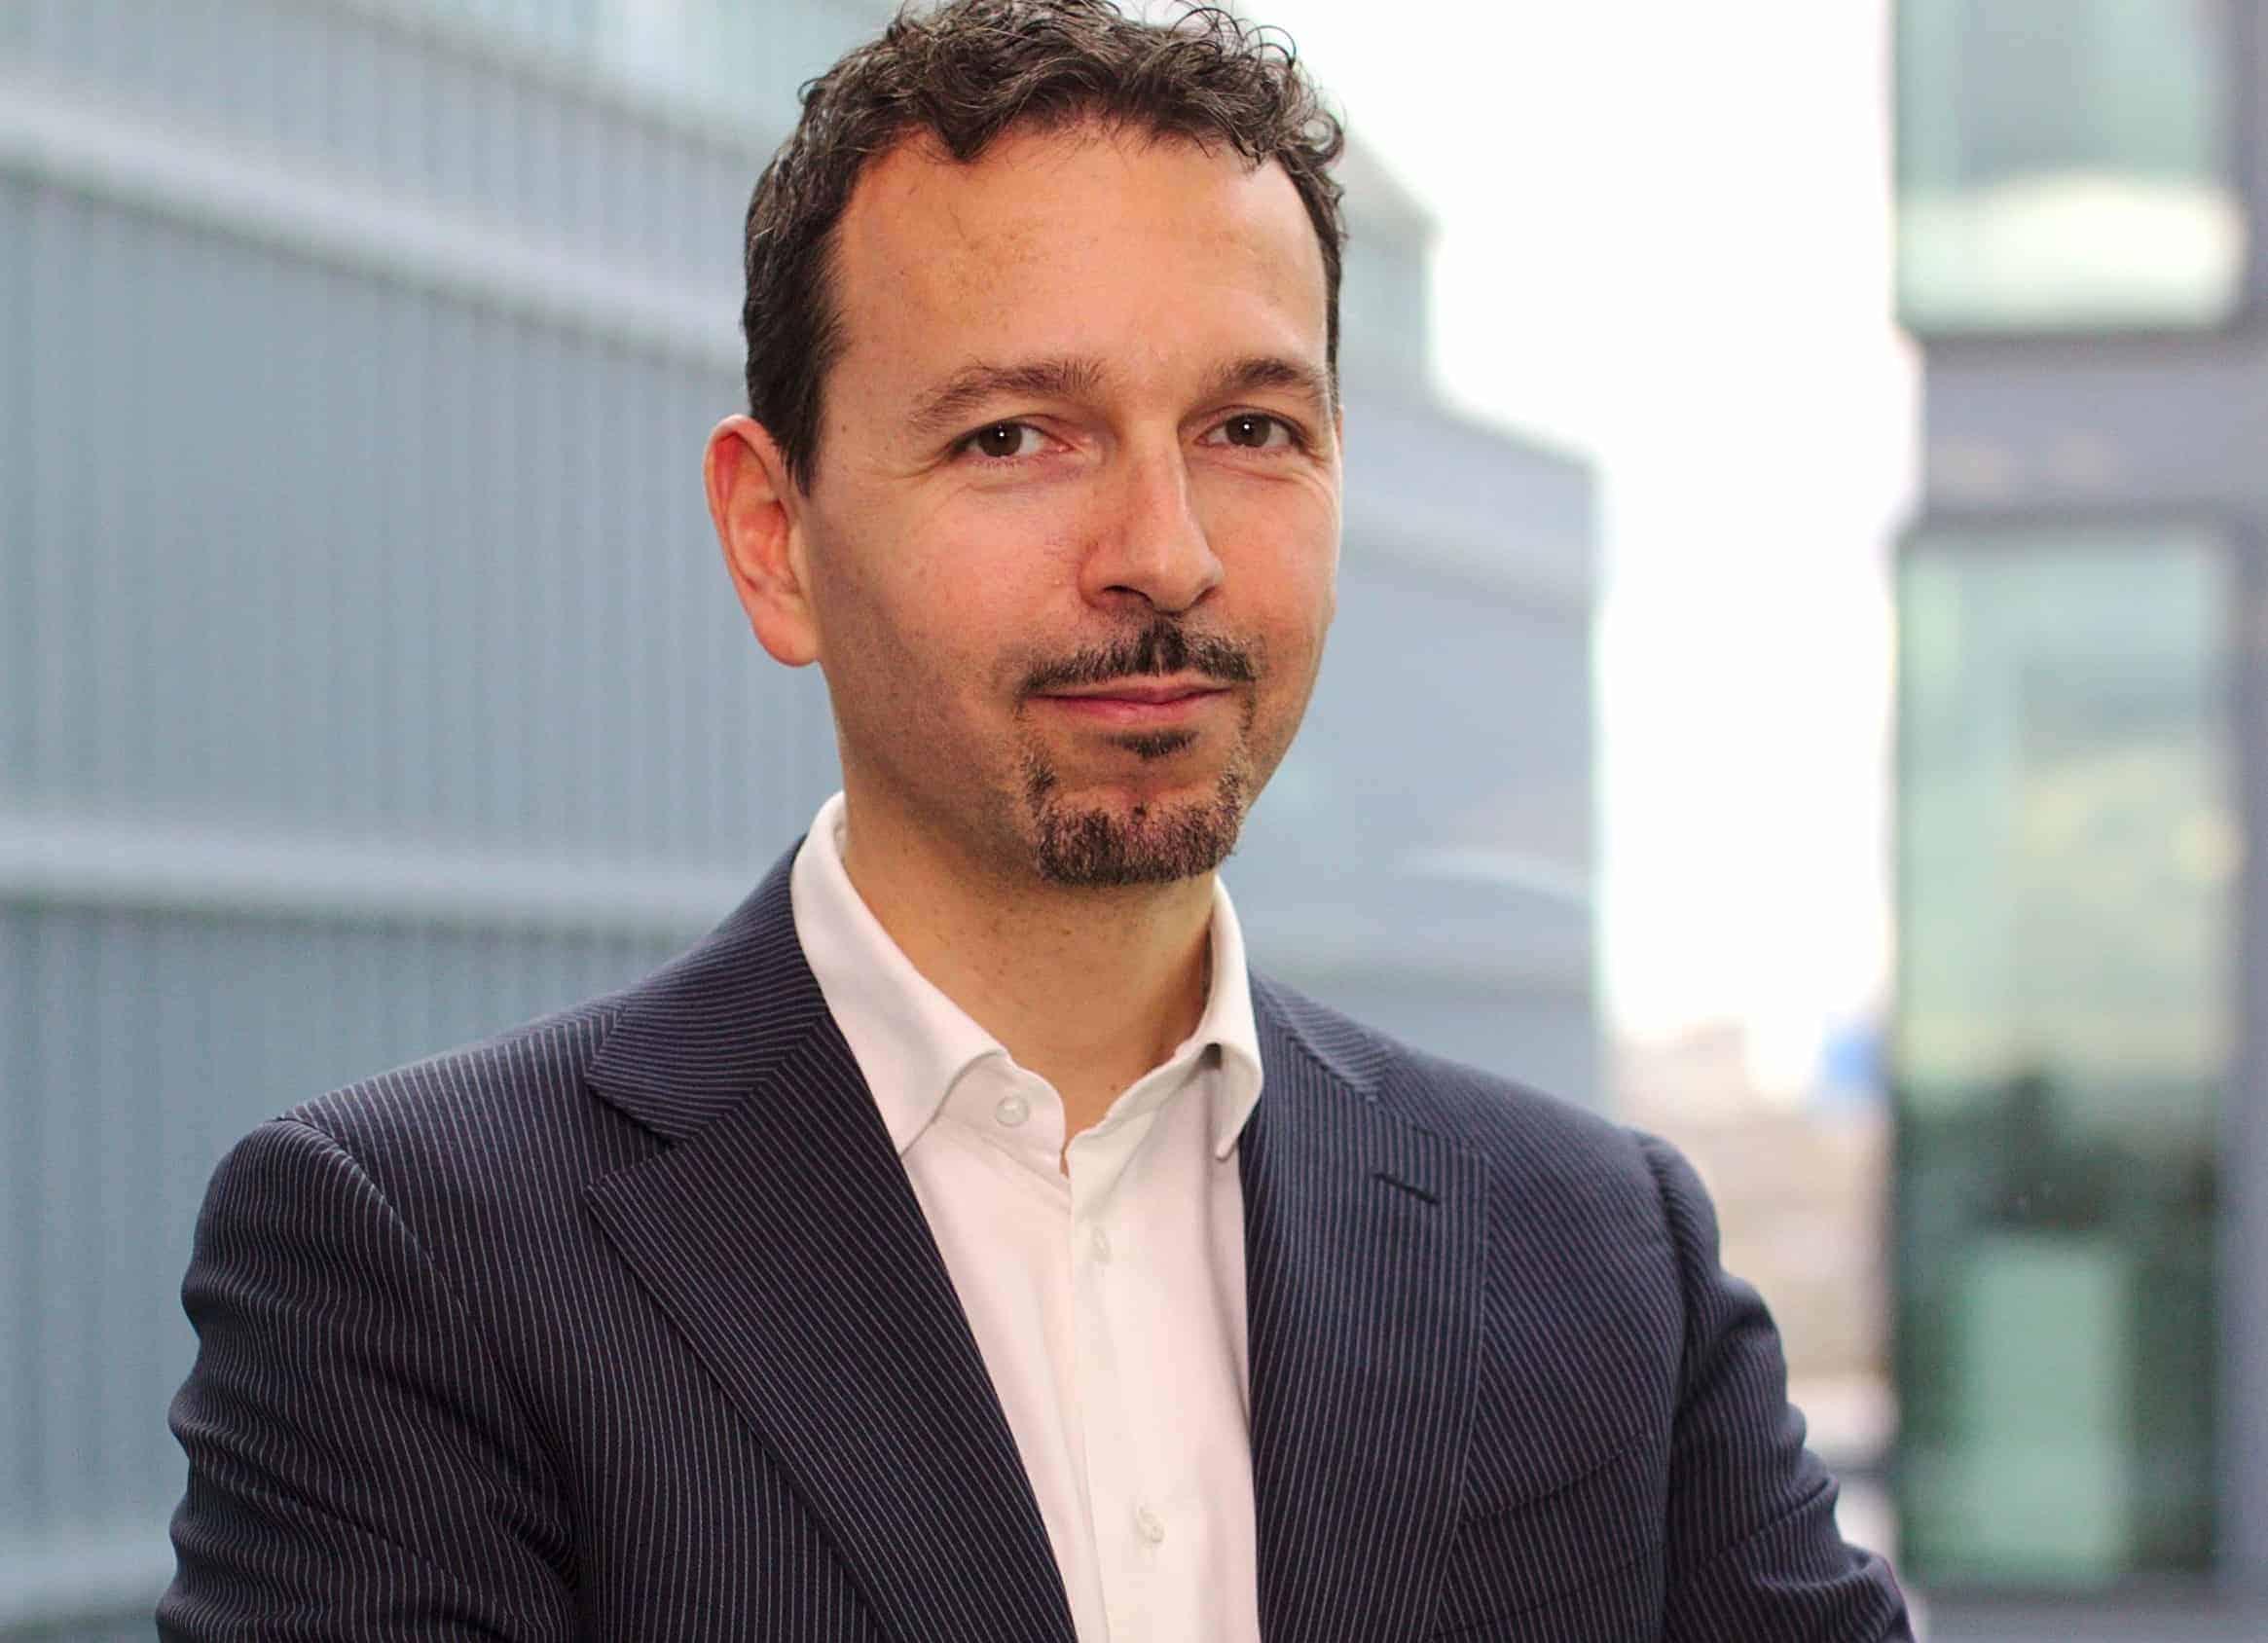 V-Nova secures £28.14 million Series C investment from Neva SGR